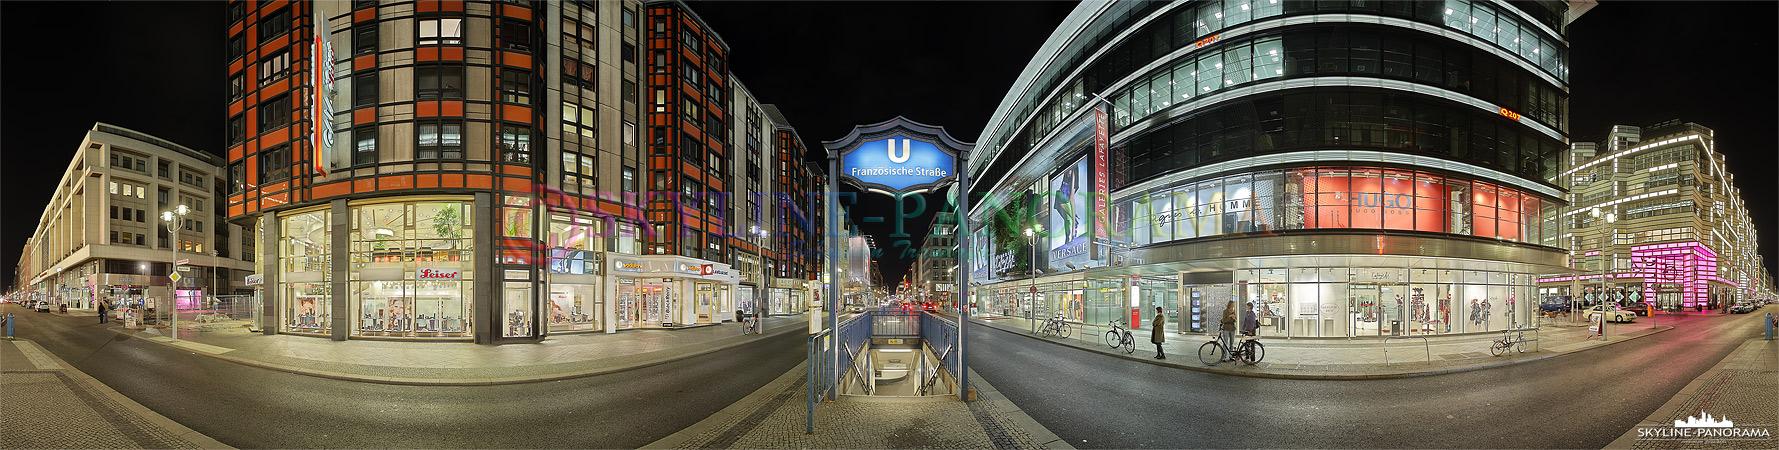 Panorama Bild - Berlin Friedrichstraße mit dem U-Bahnhof Französische Straße und dem Galeries Lafayette in Berlin Mitte in einer 360 Grad Ansicht festgehalten.